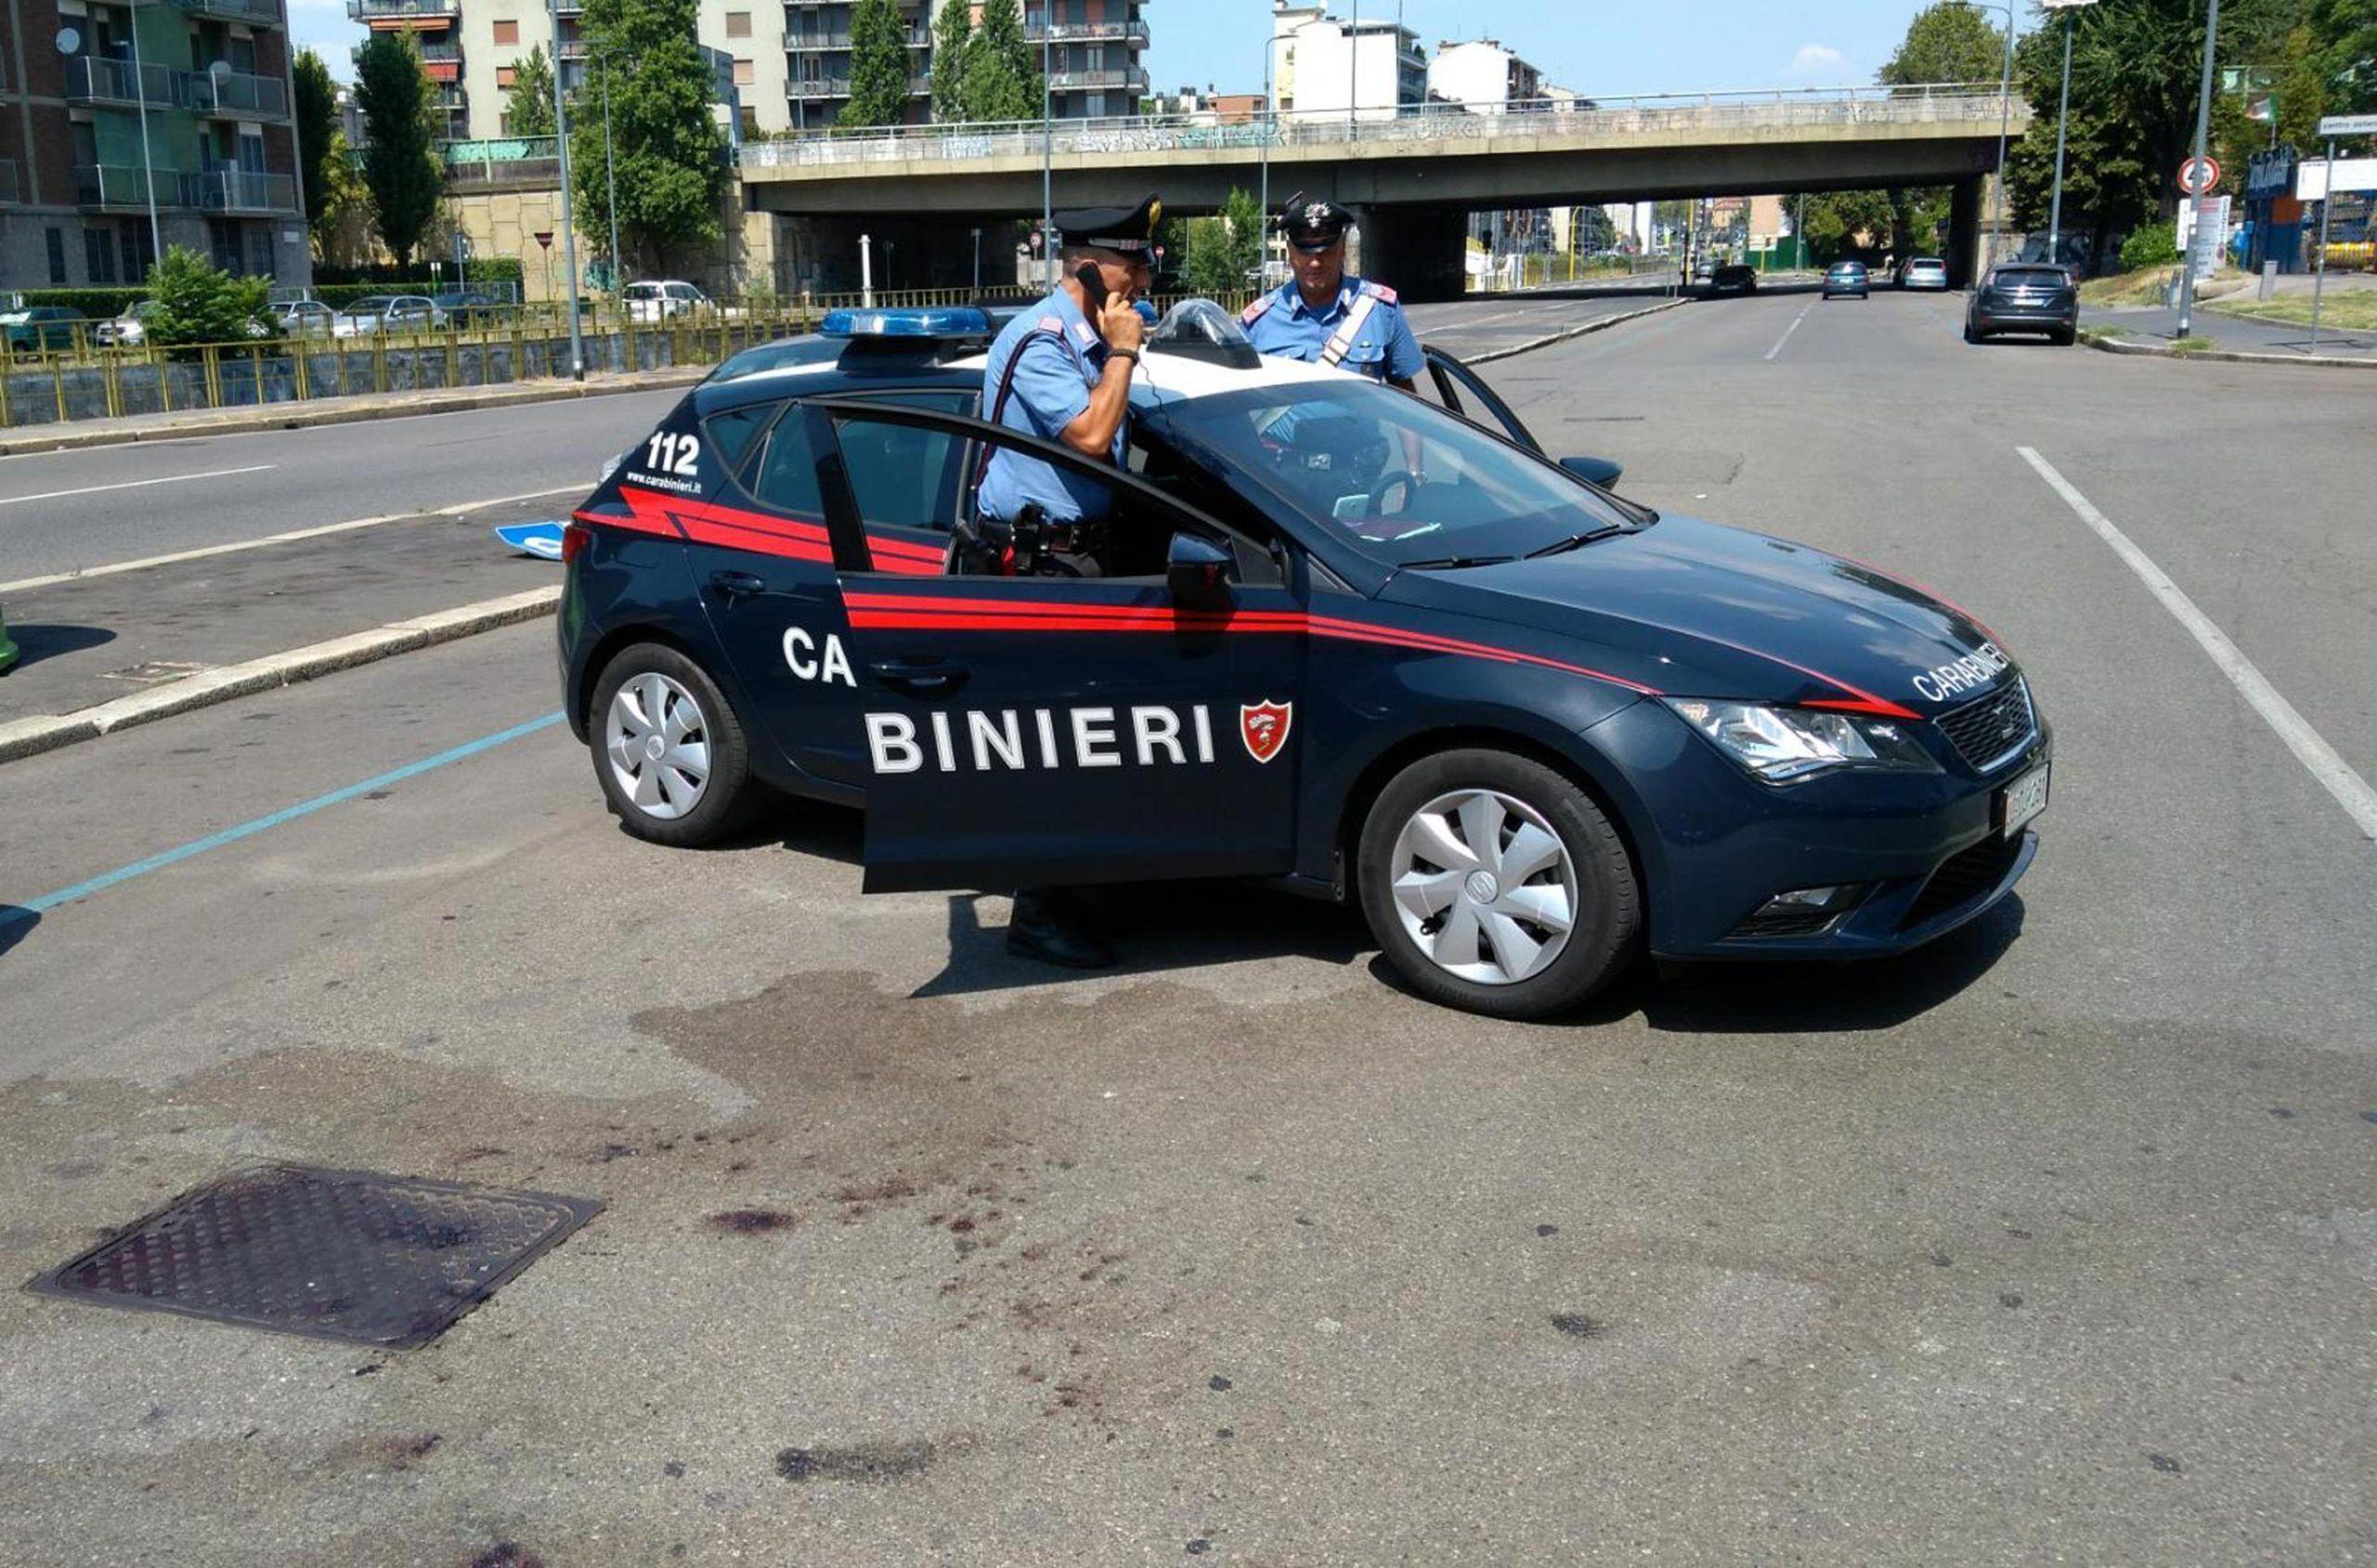 Follia a Milano:colpito in strada da vicino, gravissimo